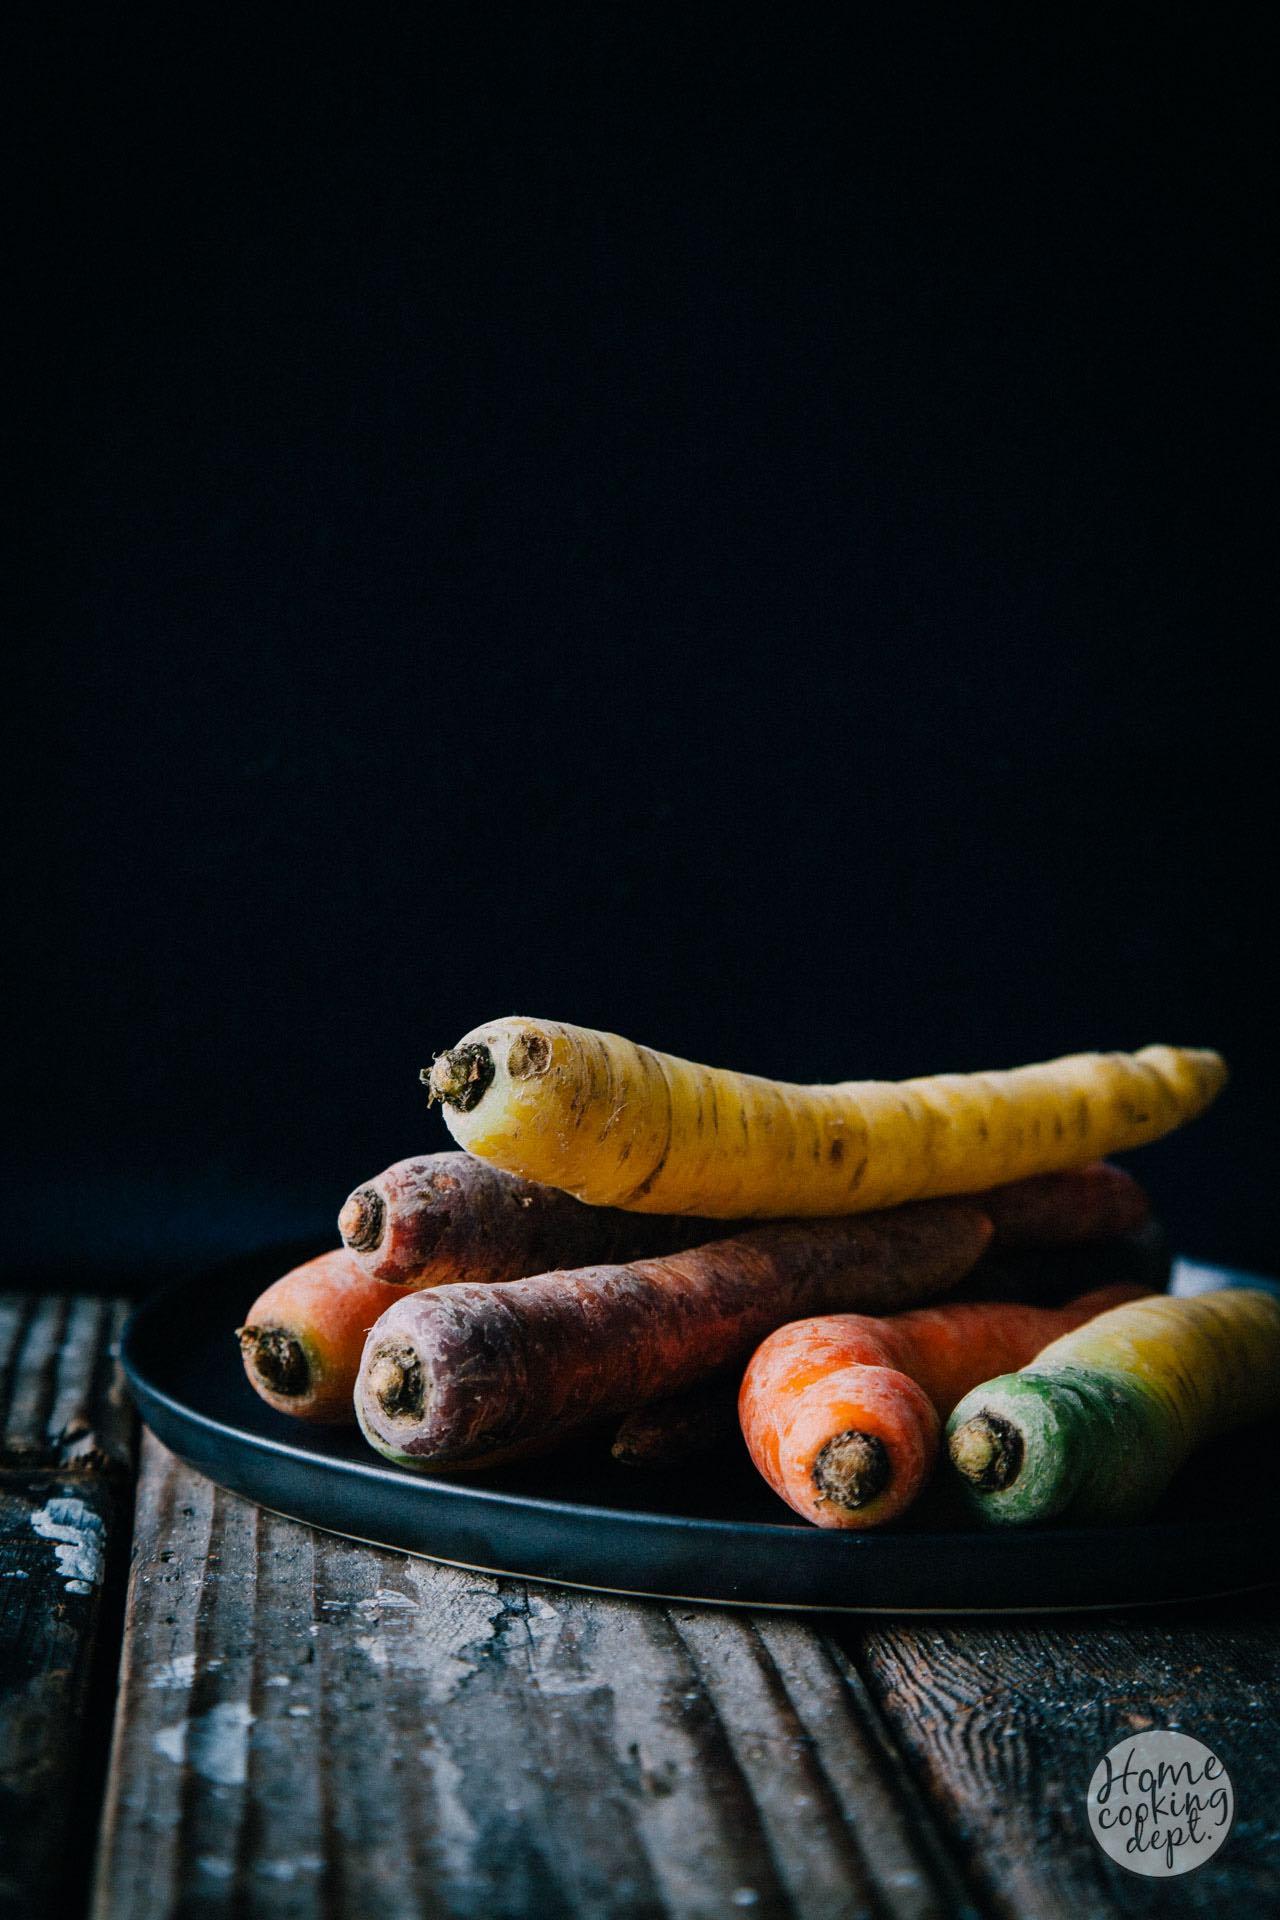 pastinaak recept / geroosterde groenten stamppot / Homecooking dep